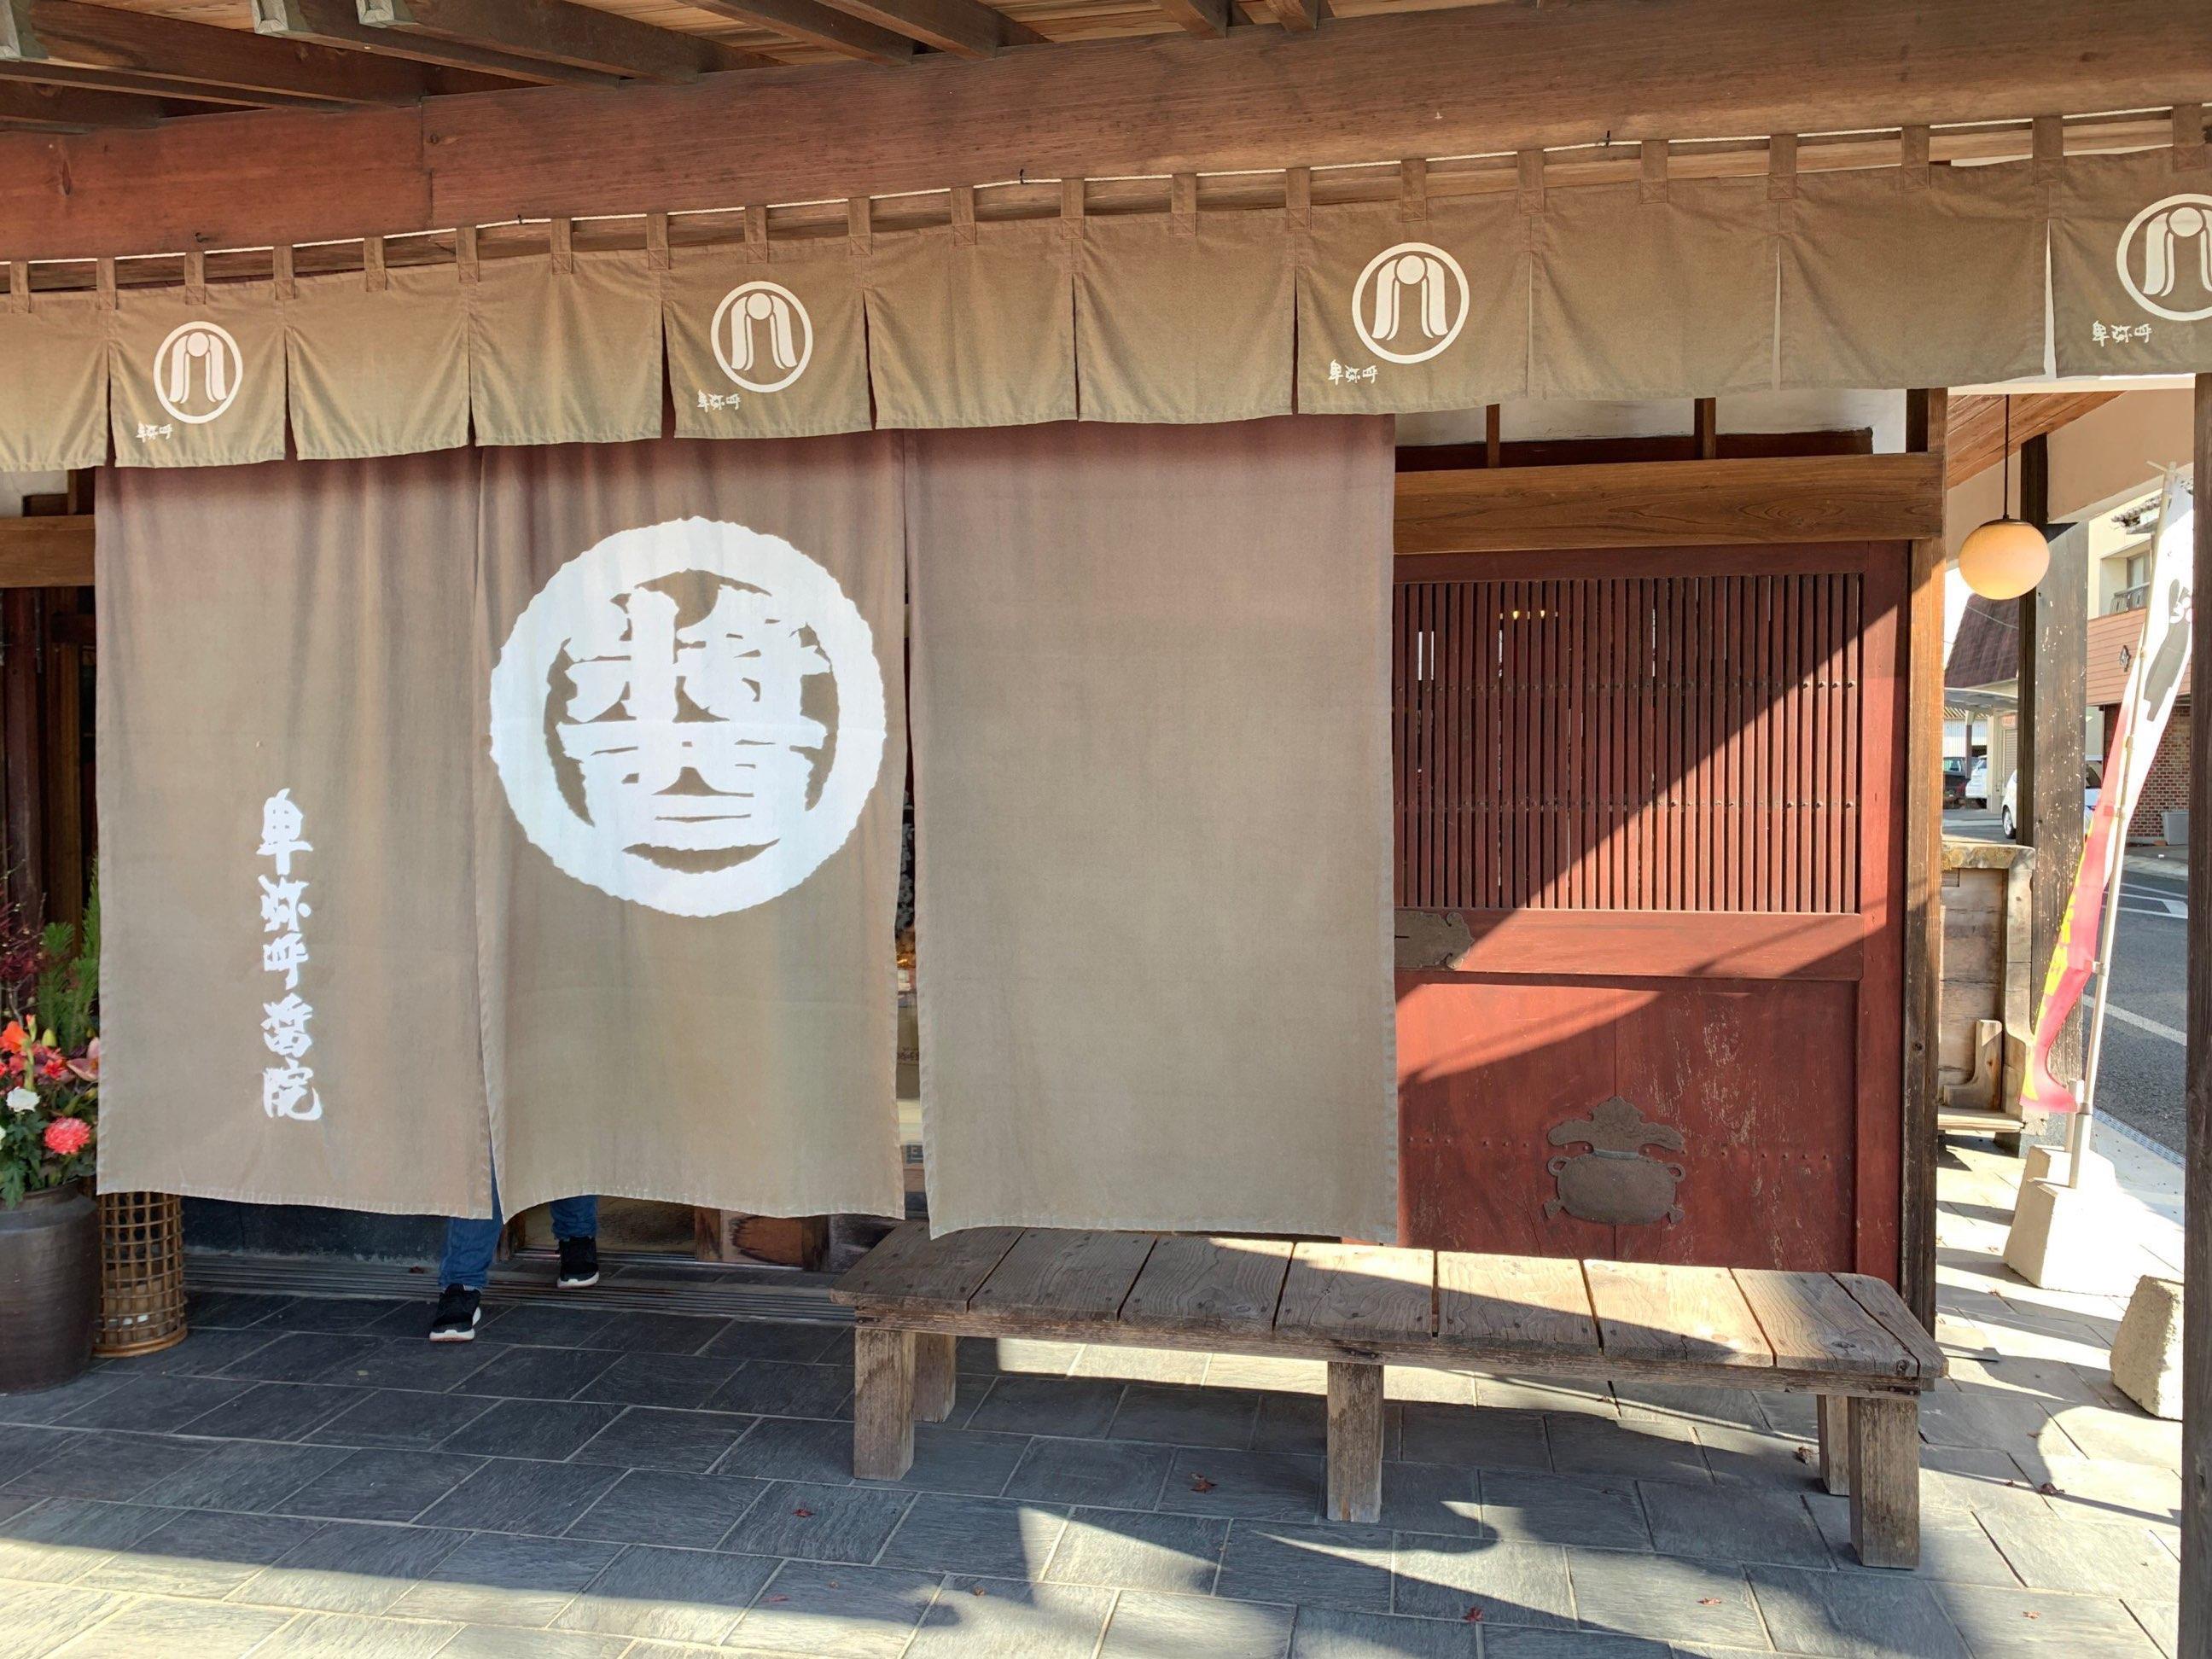 【卑弥呼醤院】山鹿の味噌汁カフェ・茶房「さくらさくら」